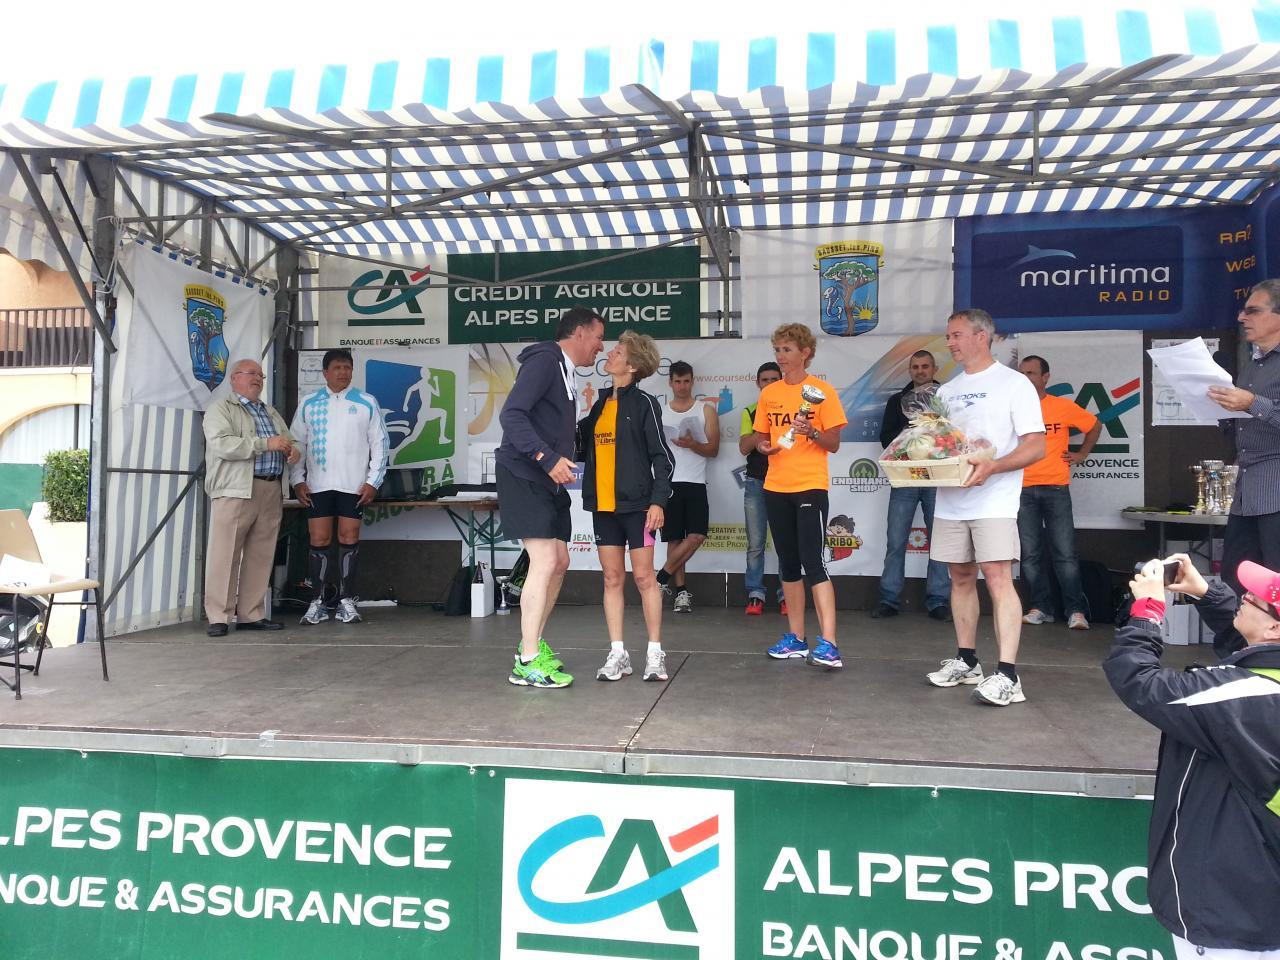 09062013 Course des embruns CL (3)